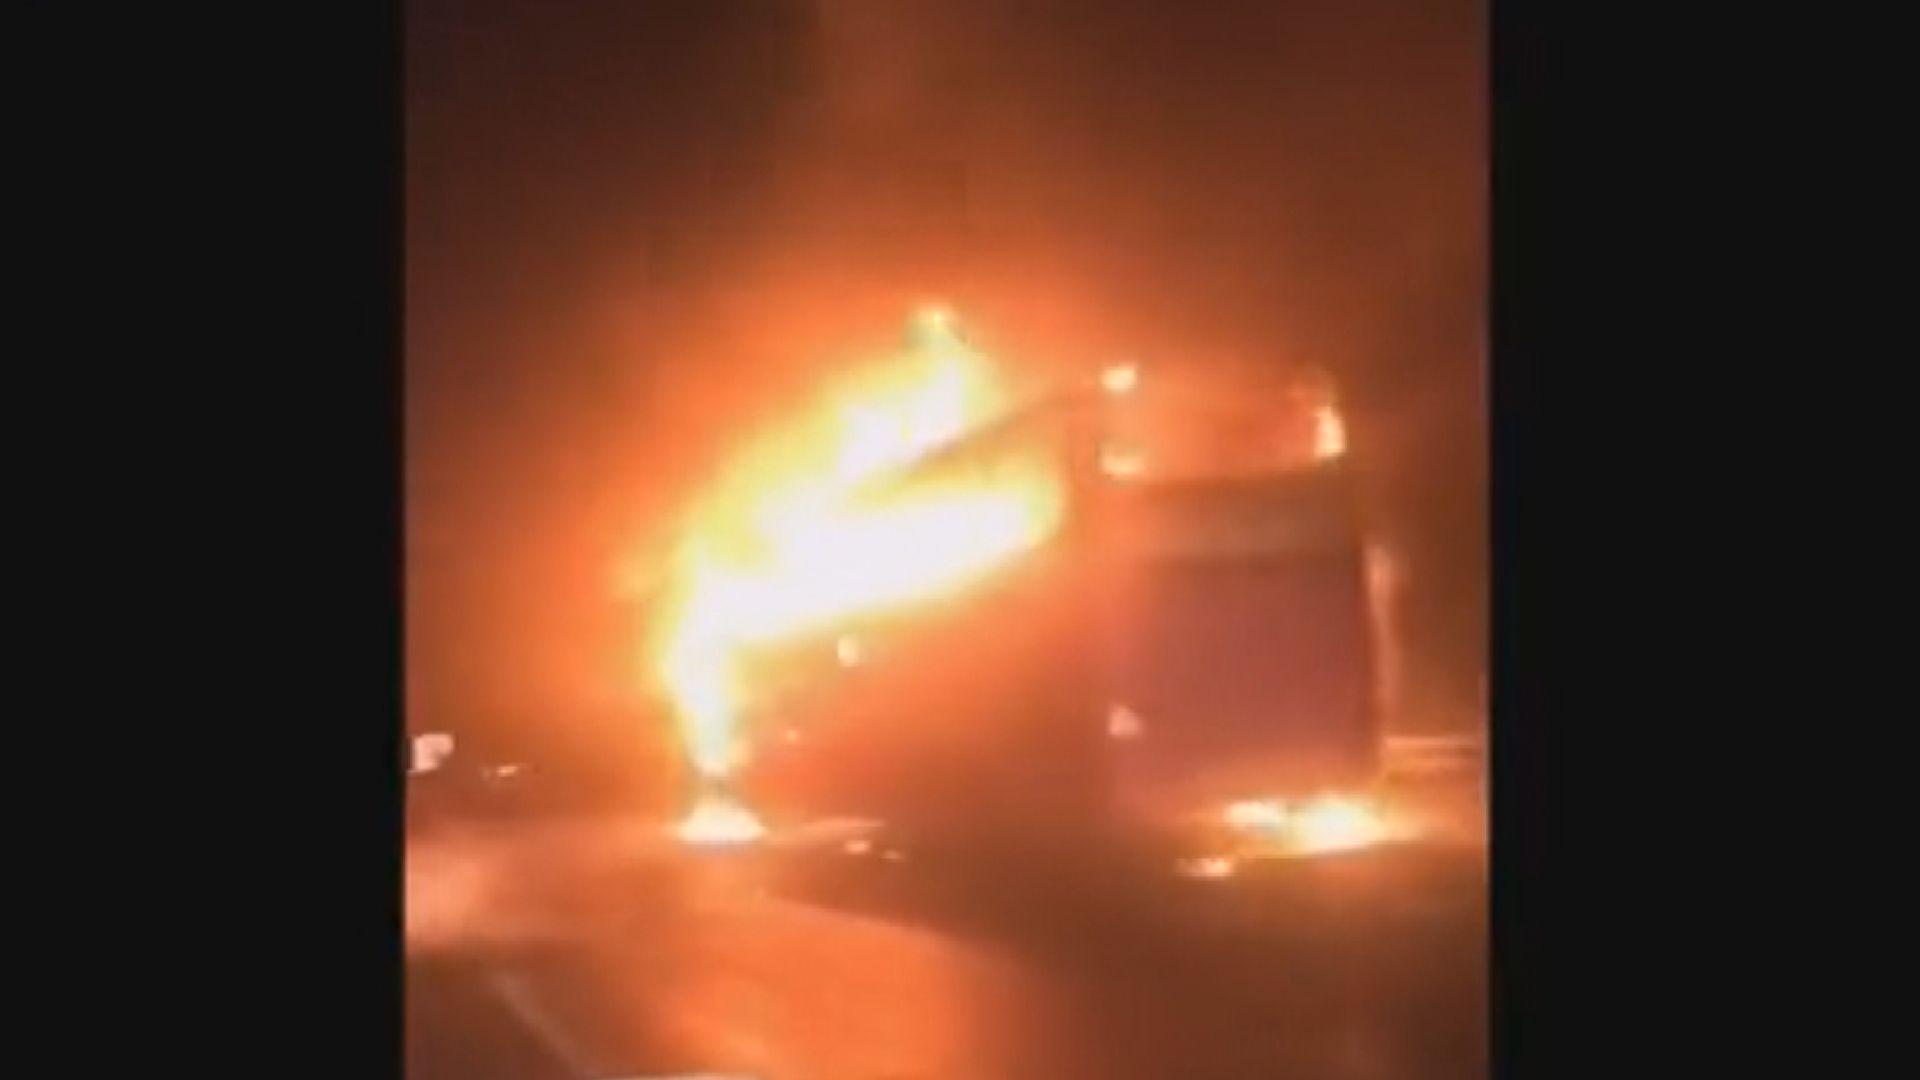 湖南旅遊巴起火釀最少26死